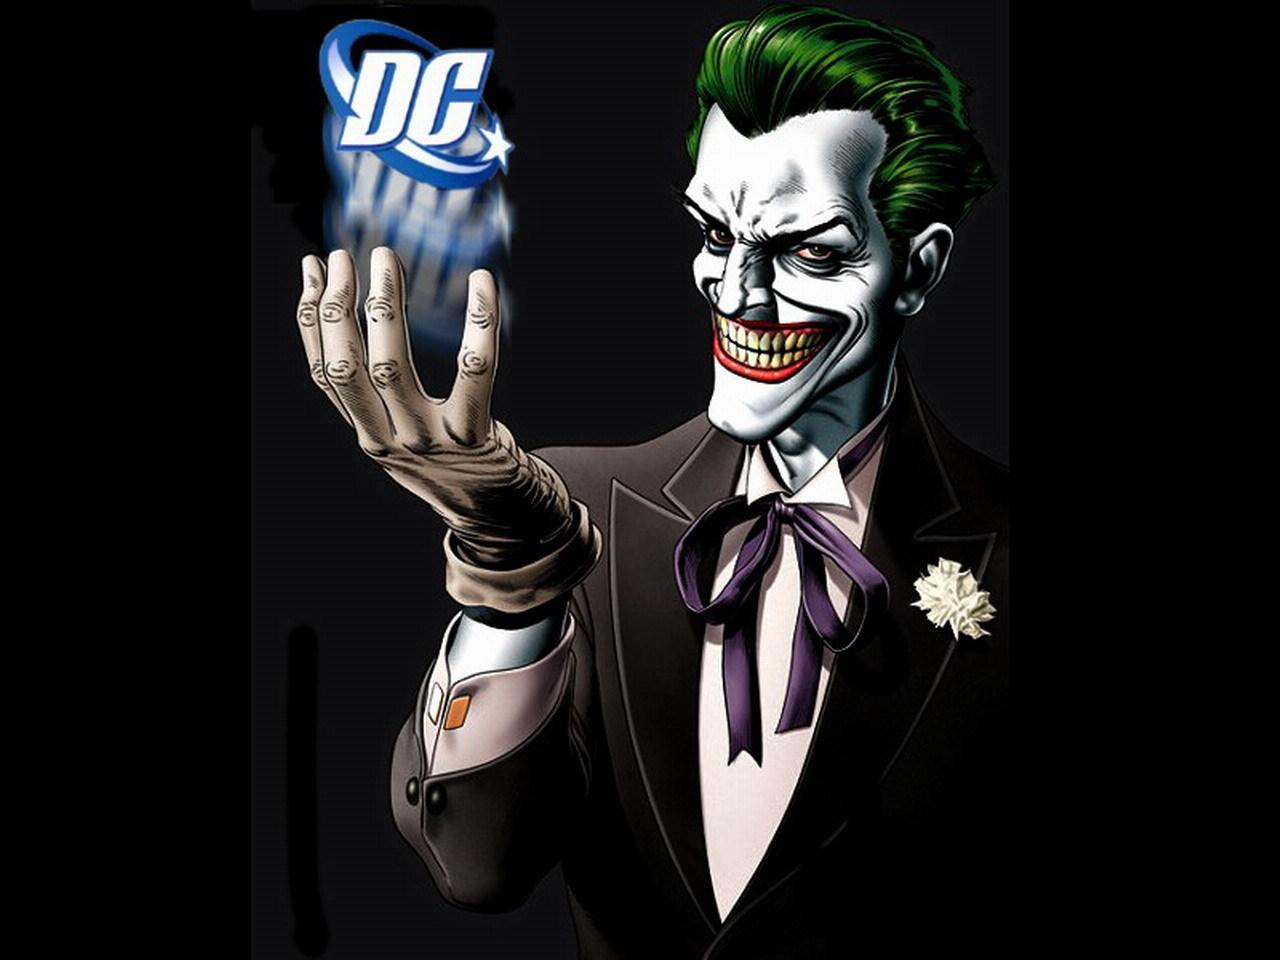 Batman Villains Images Joker Hd Wallpaper And Background Photos